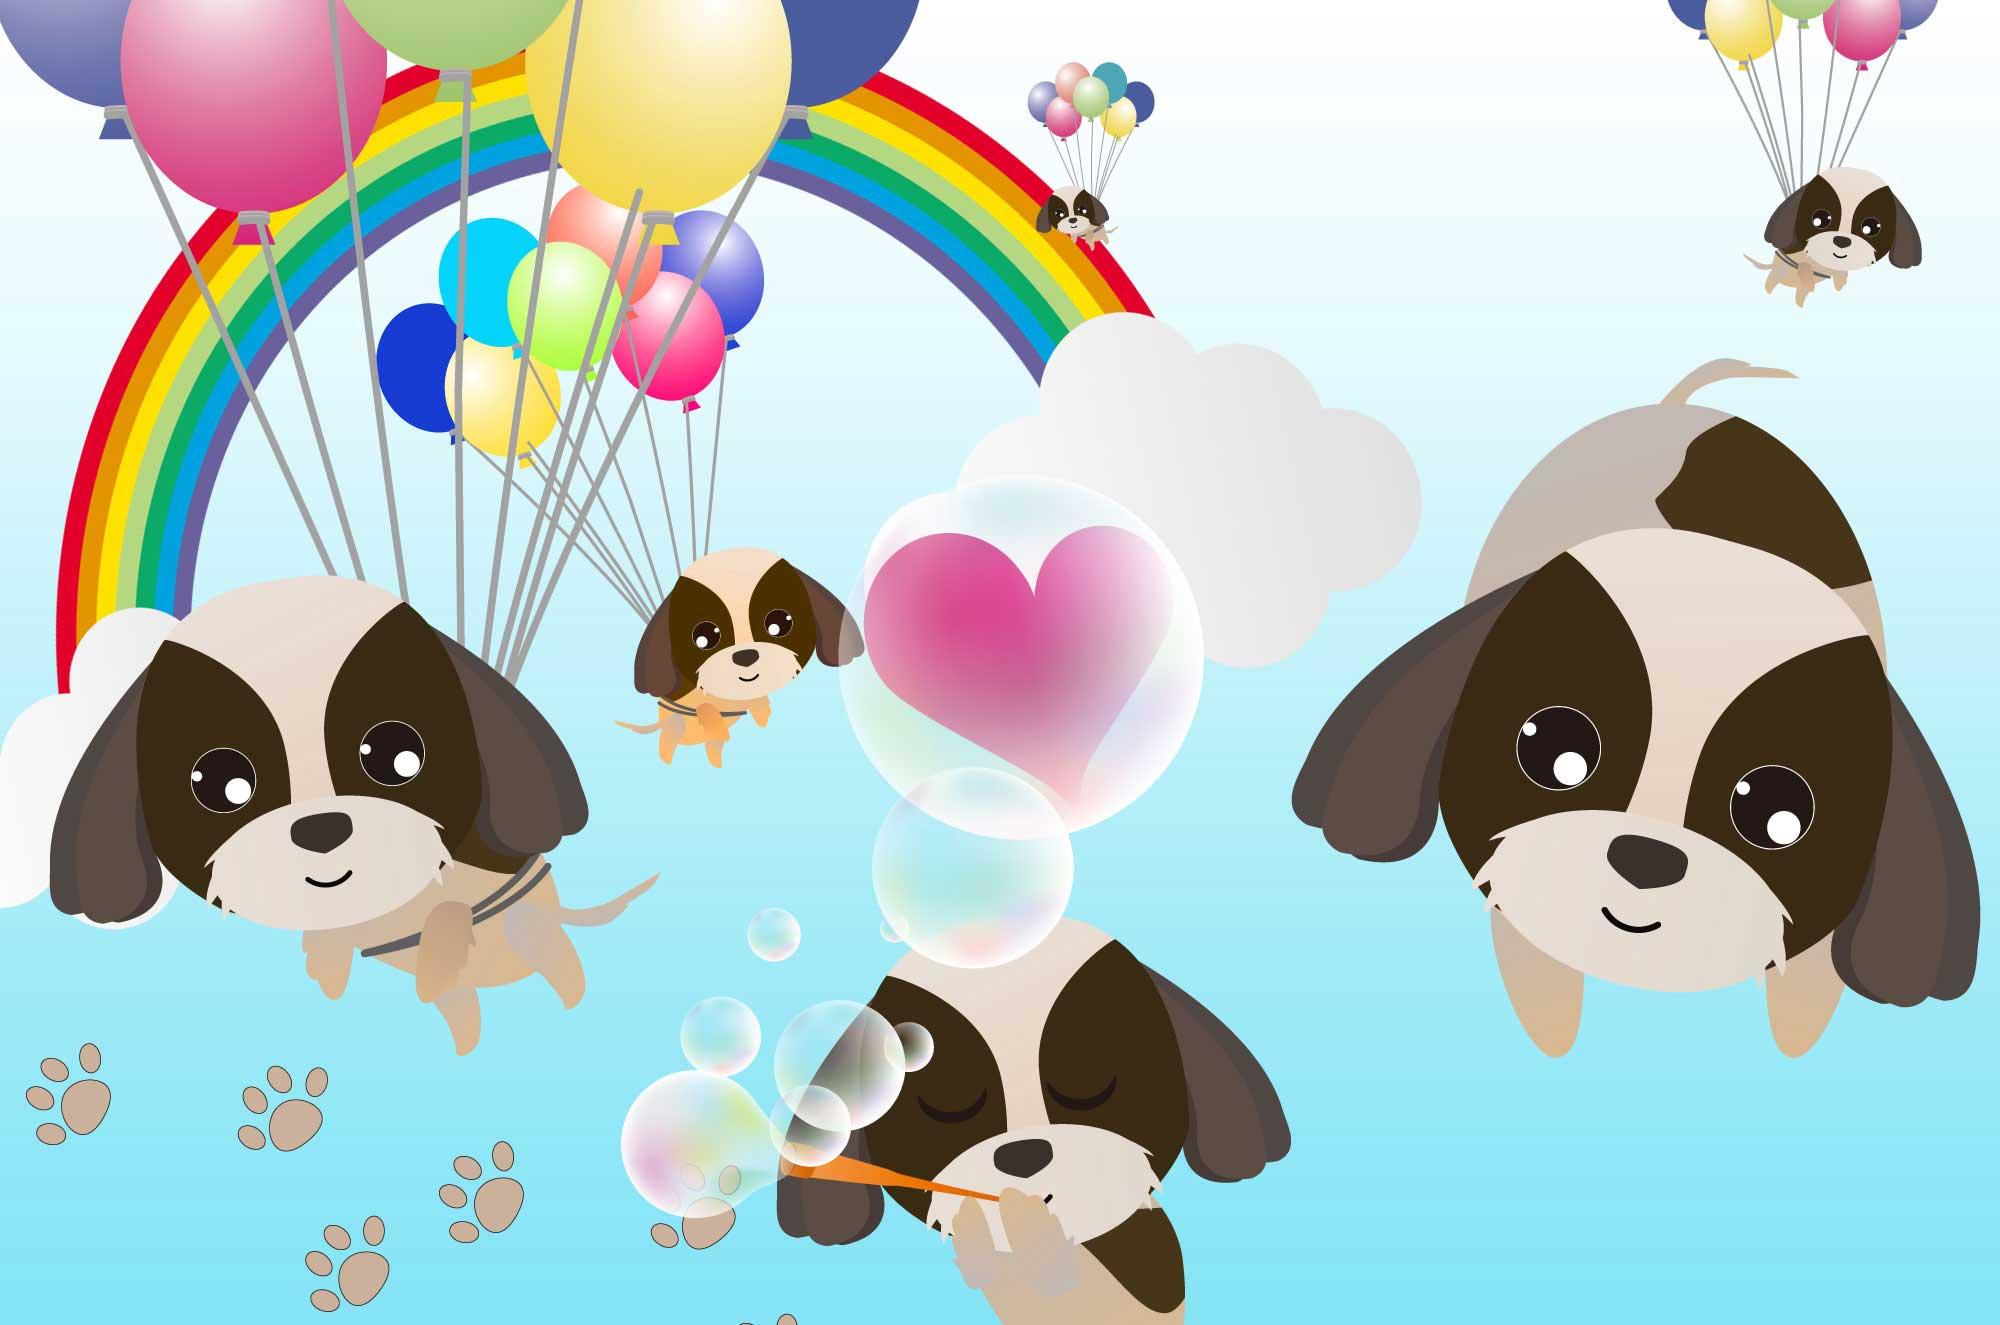 可愛いシーズー犬のイラスト- ファンタジーなフリー素材